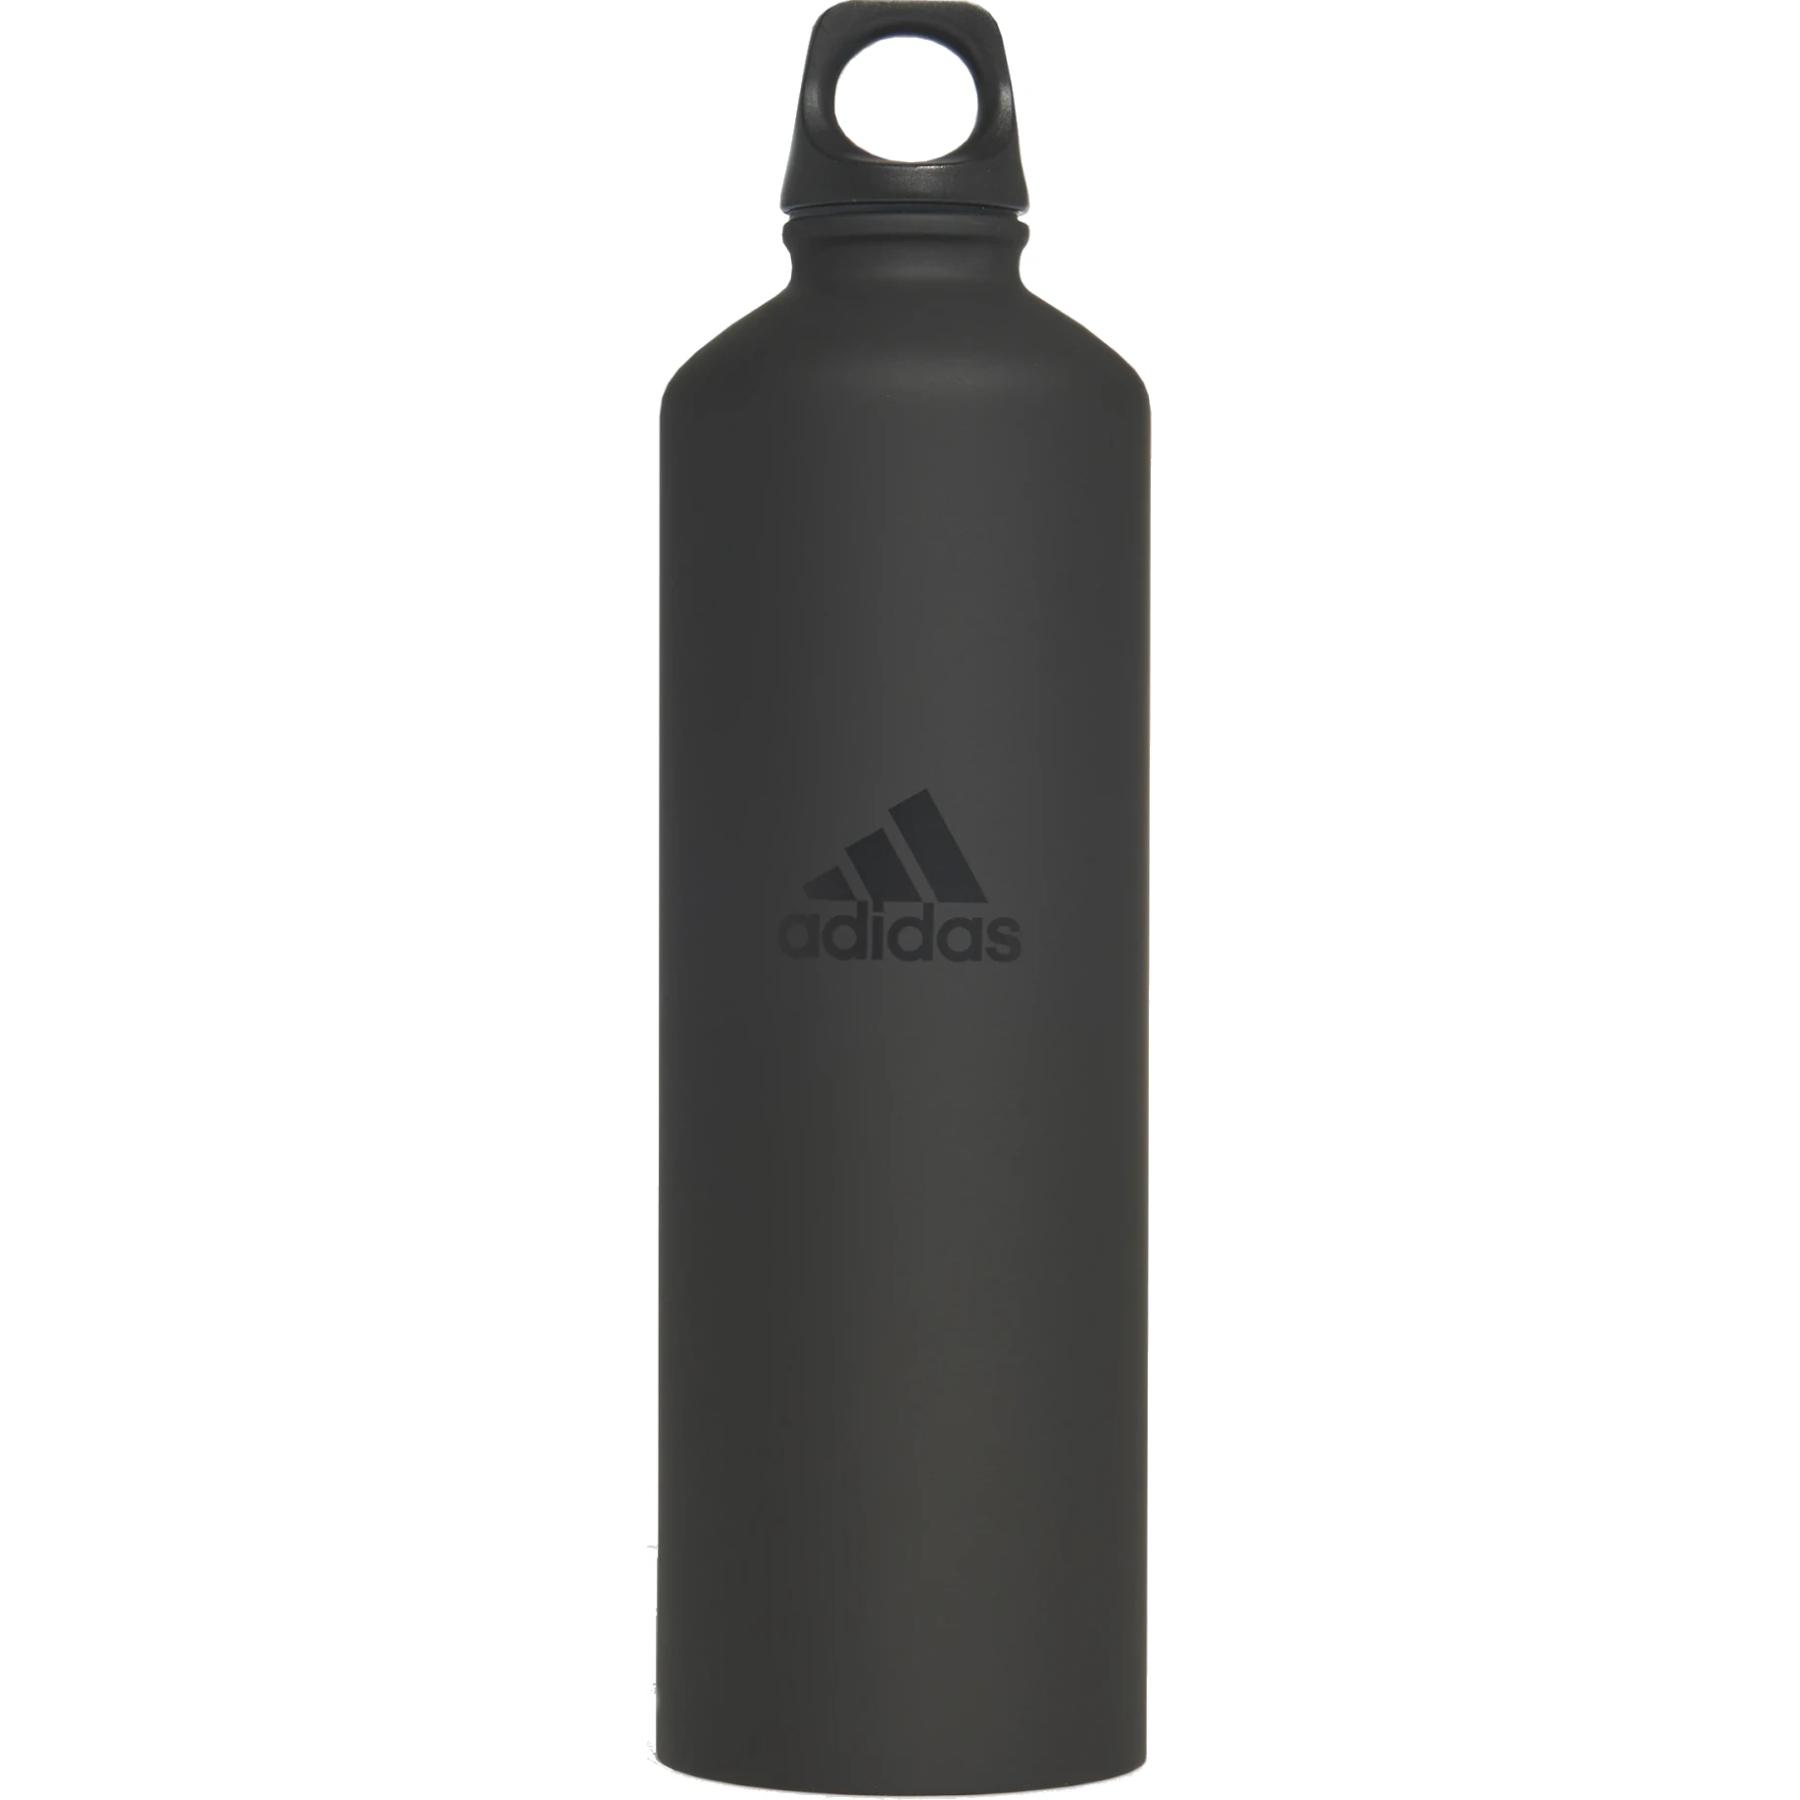 adidas Steel Bottle 0,75 L - black/black GN1877